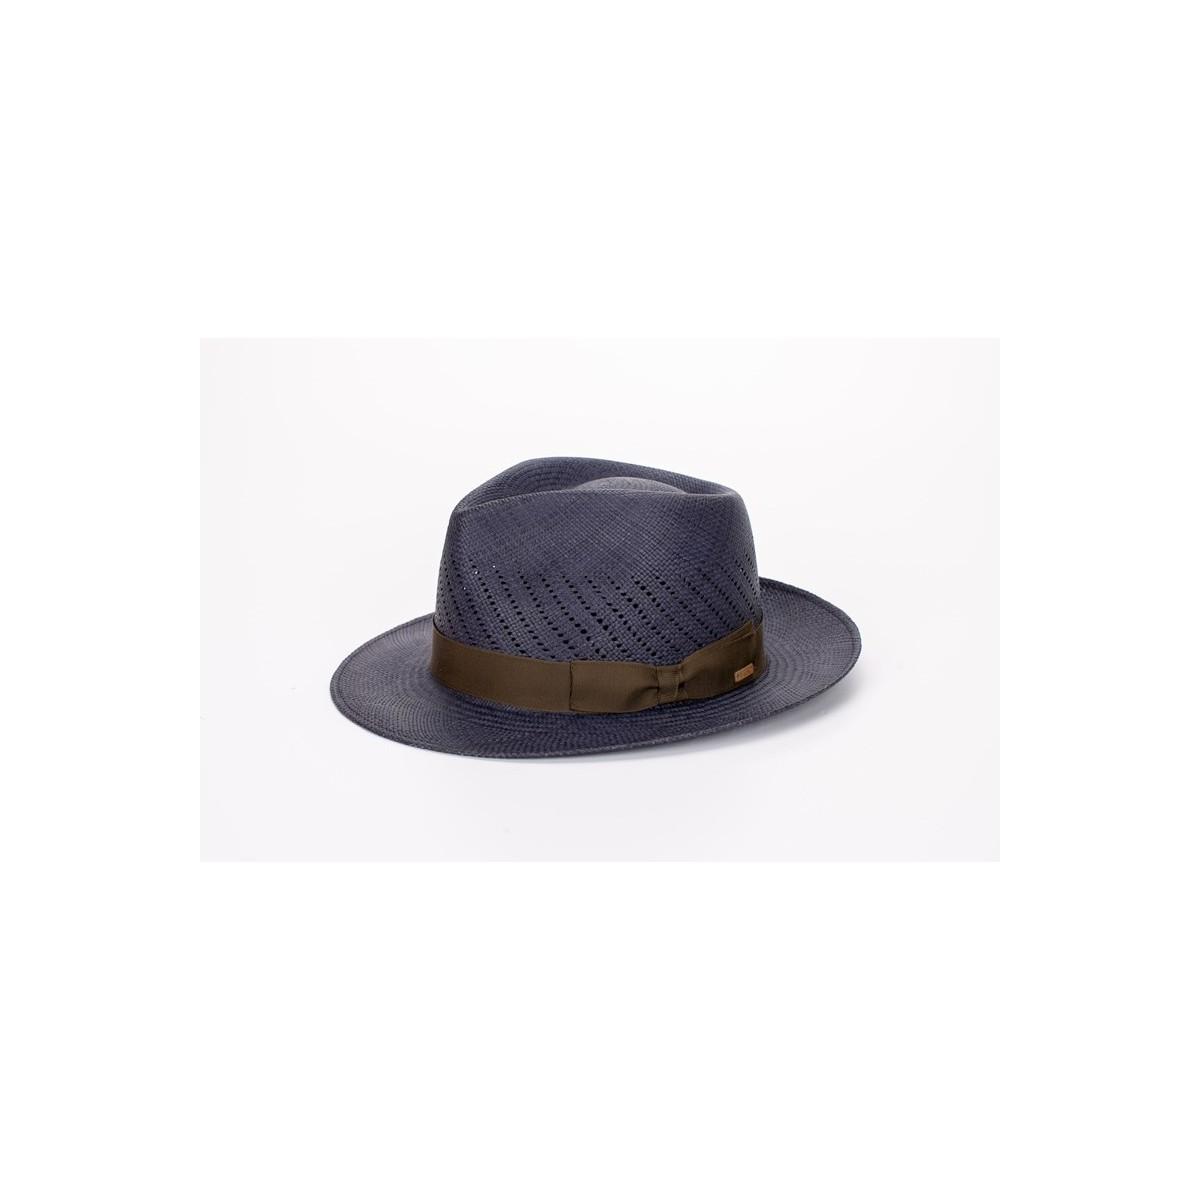 Maltés sombrero de hombre panamá copa calada color azul y cinta camuflaje. Fernández y ROCHE